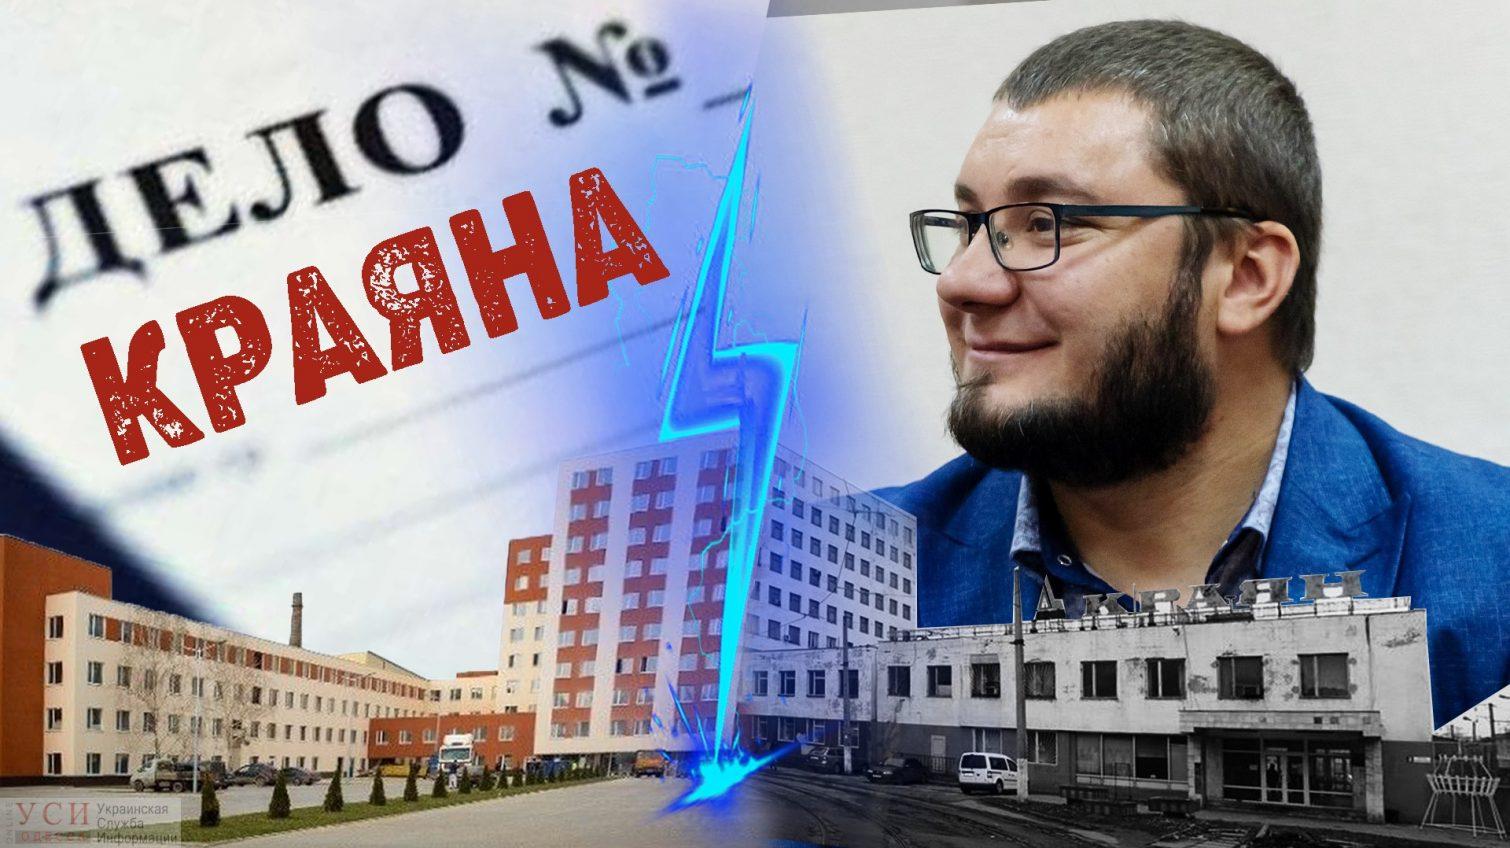 Дело «Краяна»: Антикорсуд оставил залог подозреваемому Коломийцу в полмиллиона гривен, а соратникам Труханова могут выбрать госзащитников «фото»